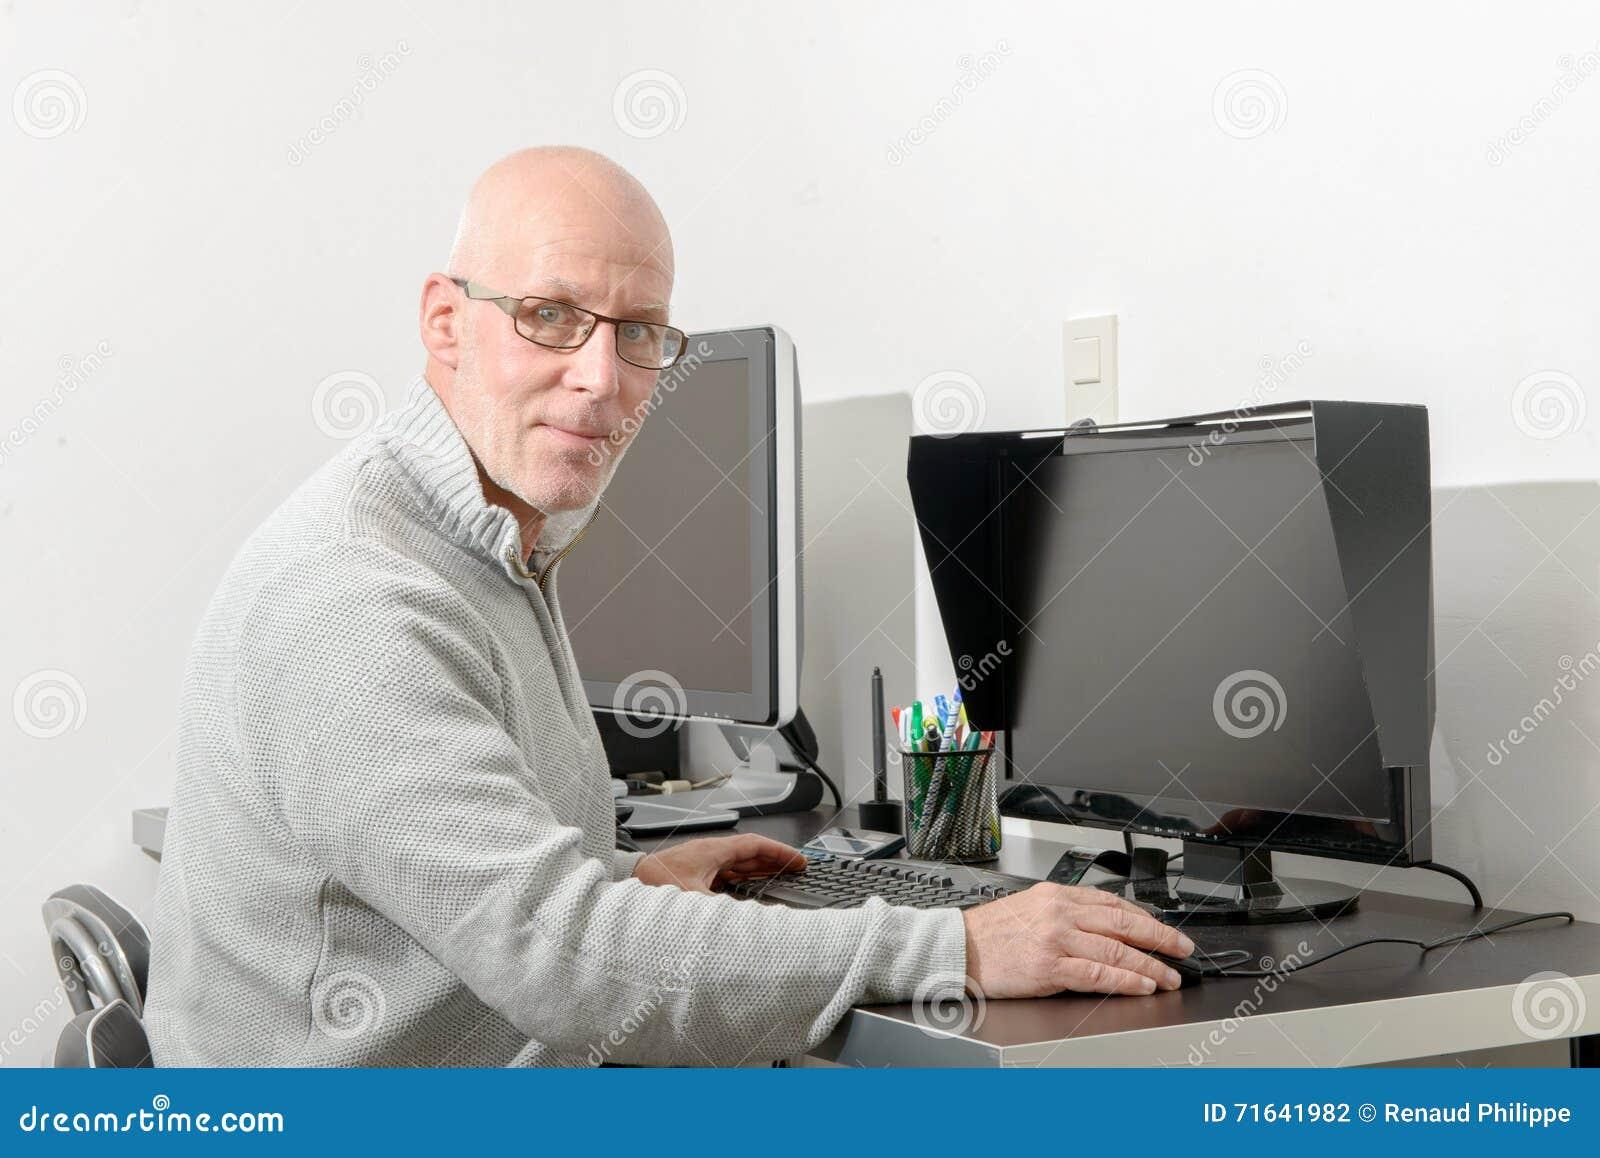 Ώριμο άτομο που εργάζεται με τον υπολογιστή του